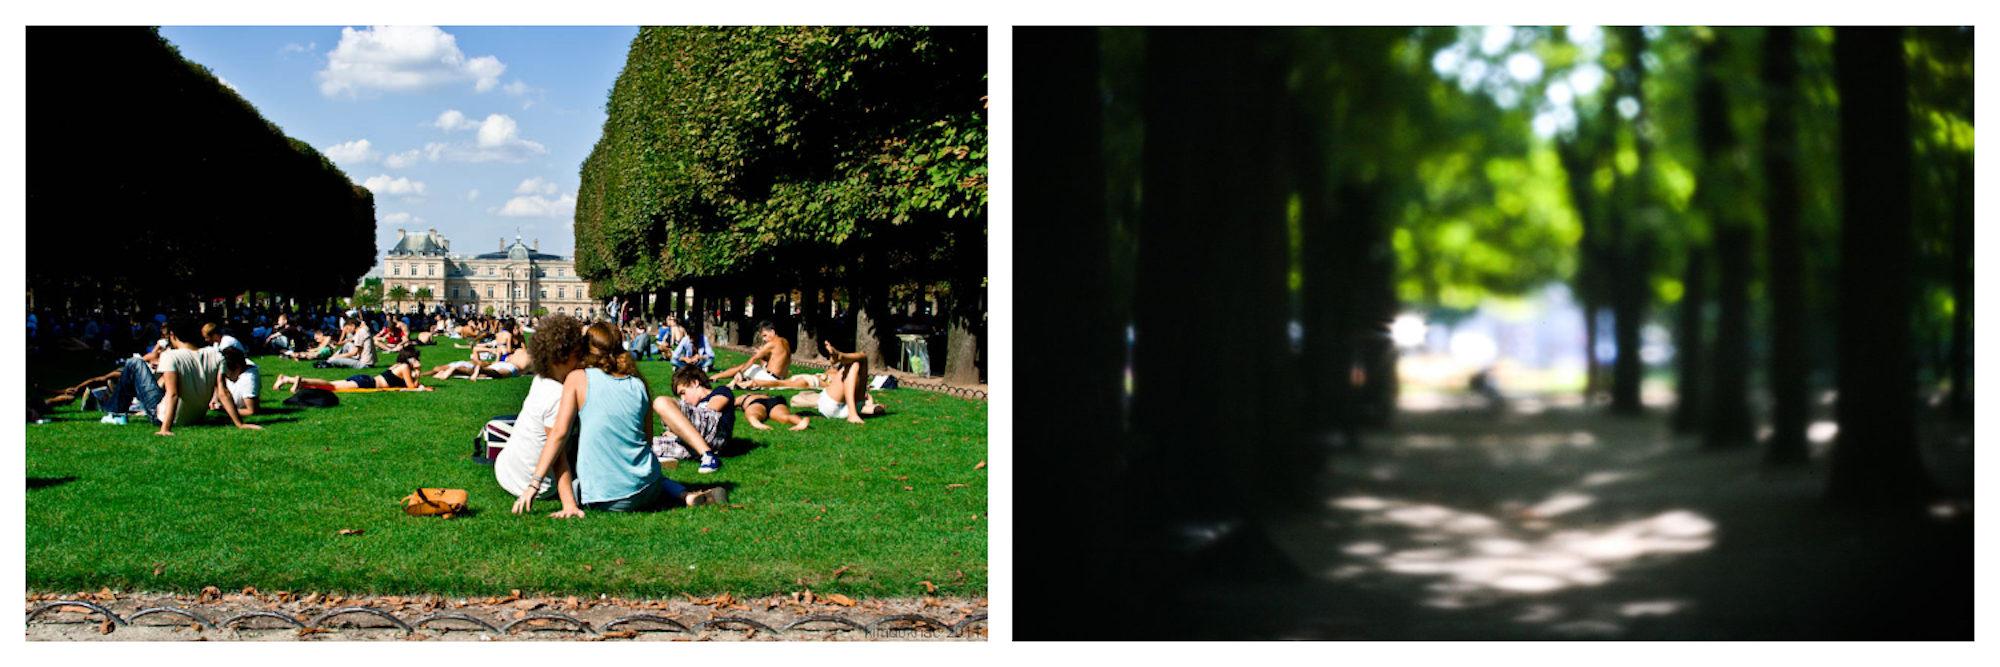 HiP Paris Blog tells you the best places to tan in Paris